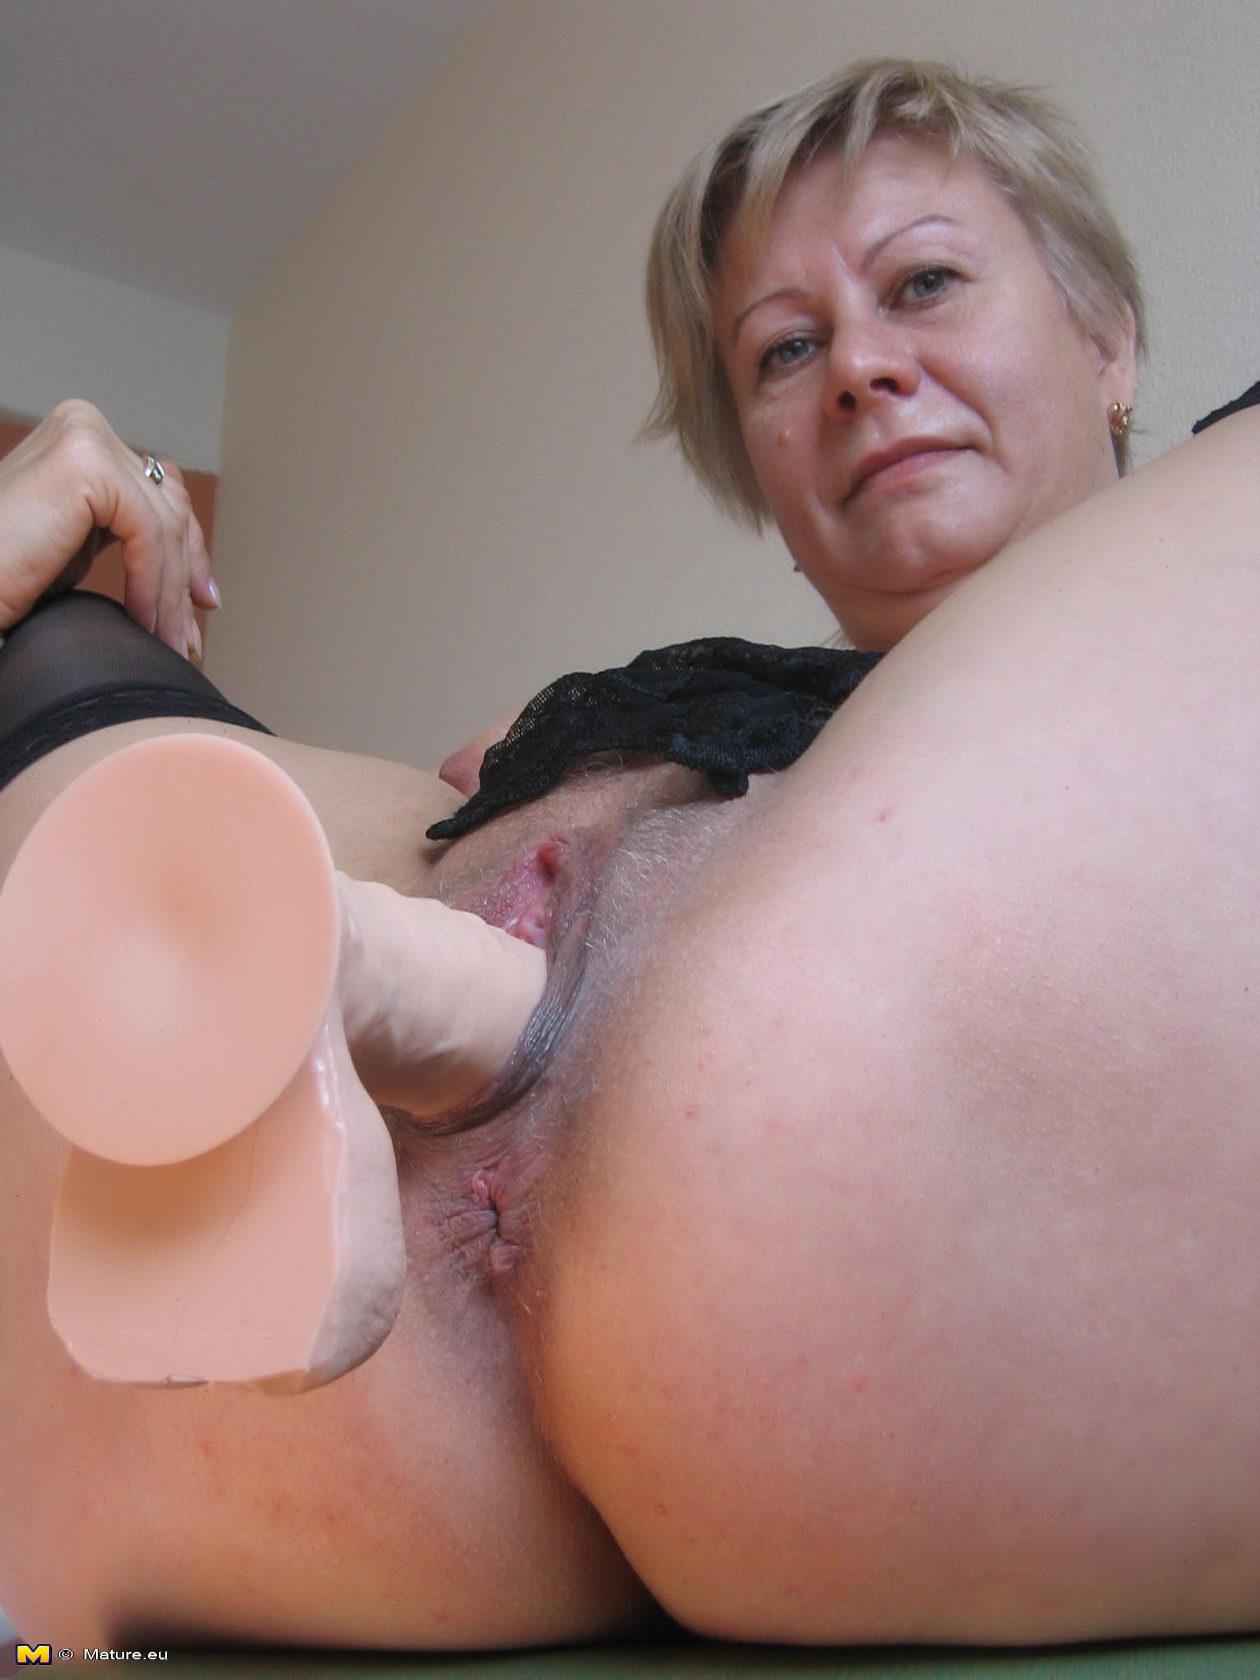 Реальные оргазм вагине 7 фотография